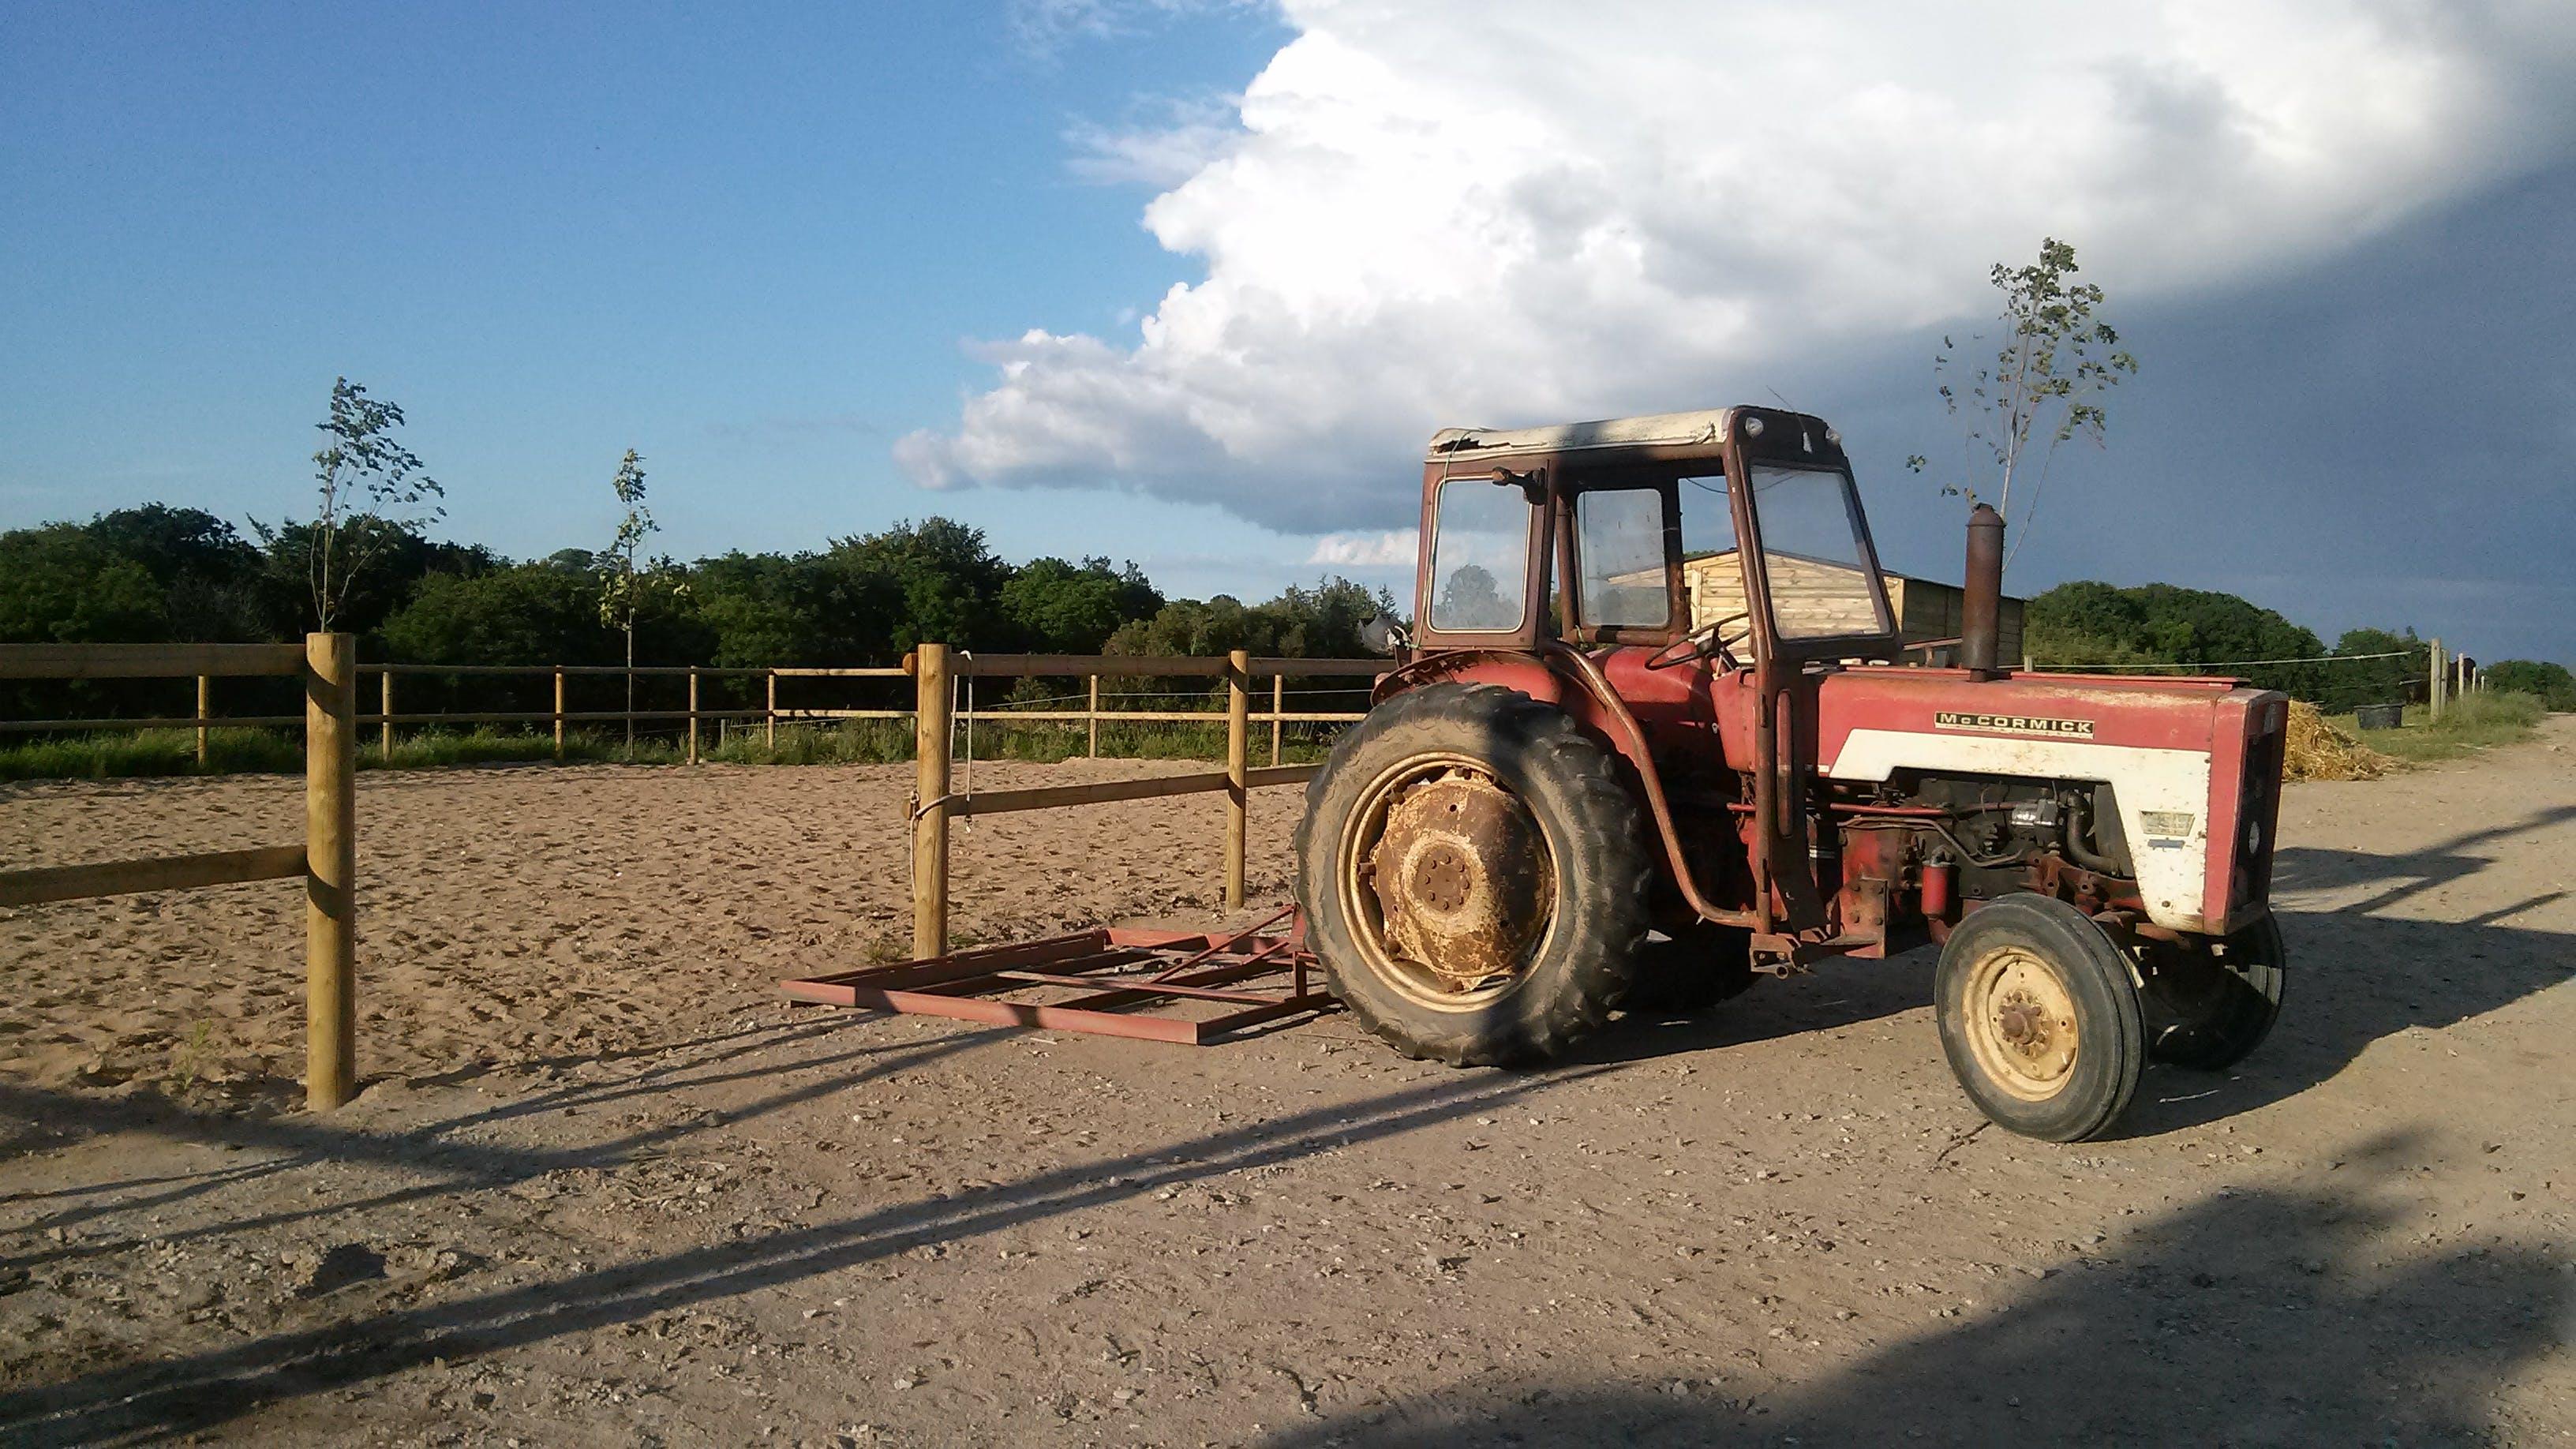 #tractor #farm